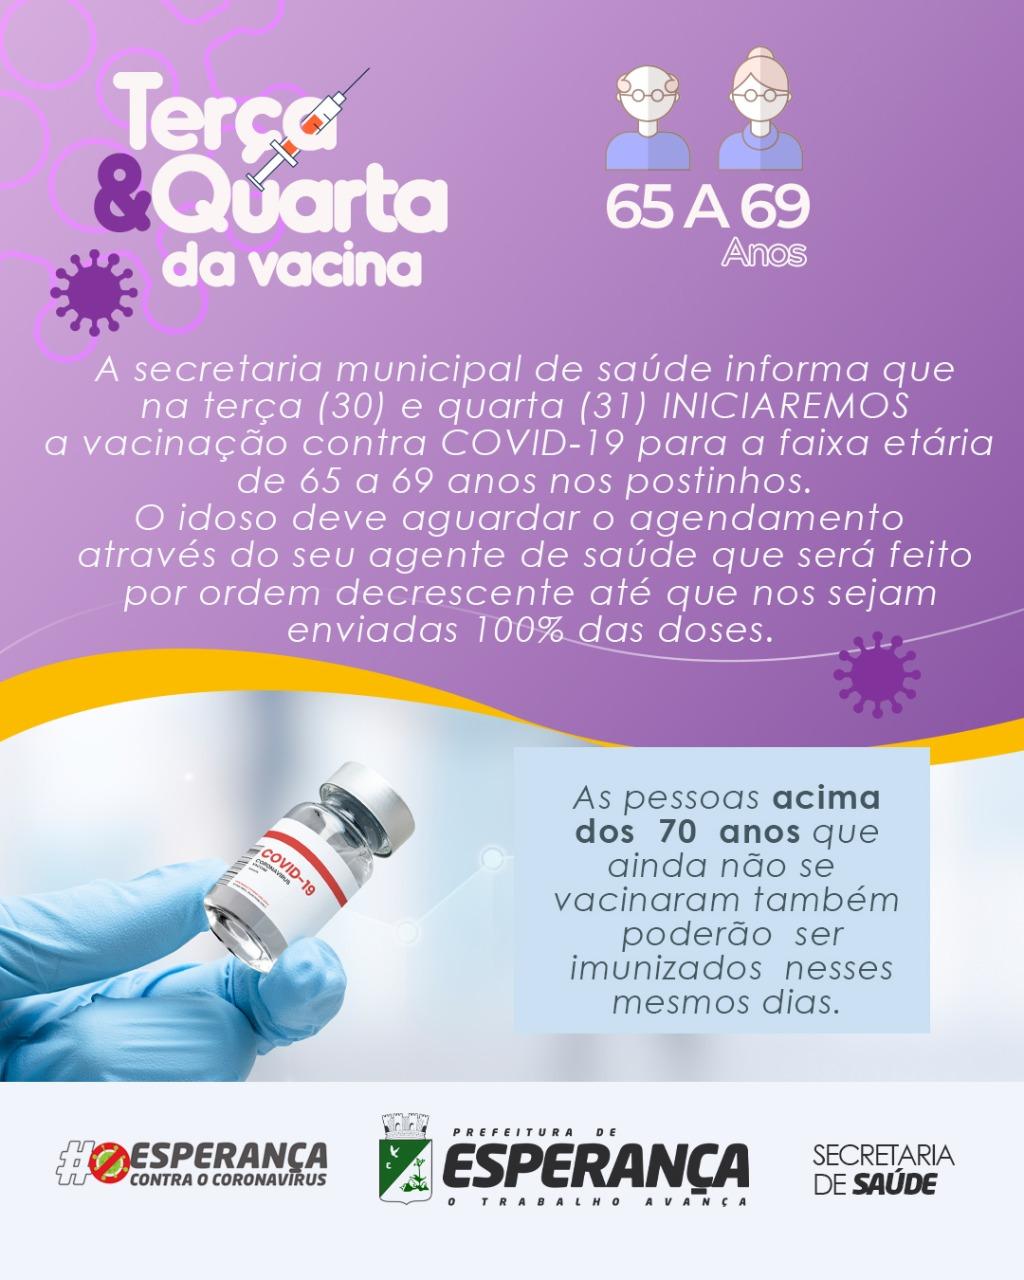 💉A vacina é a única solução eficaz para combater a pandemia!